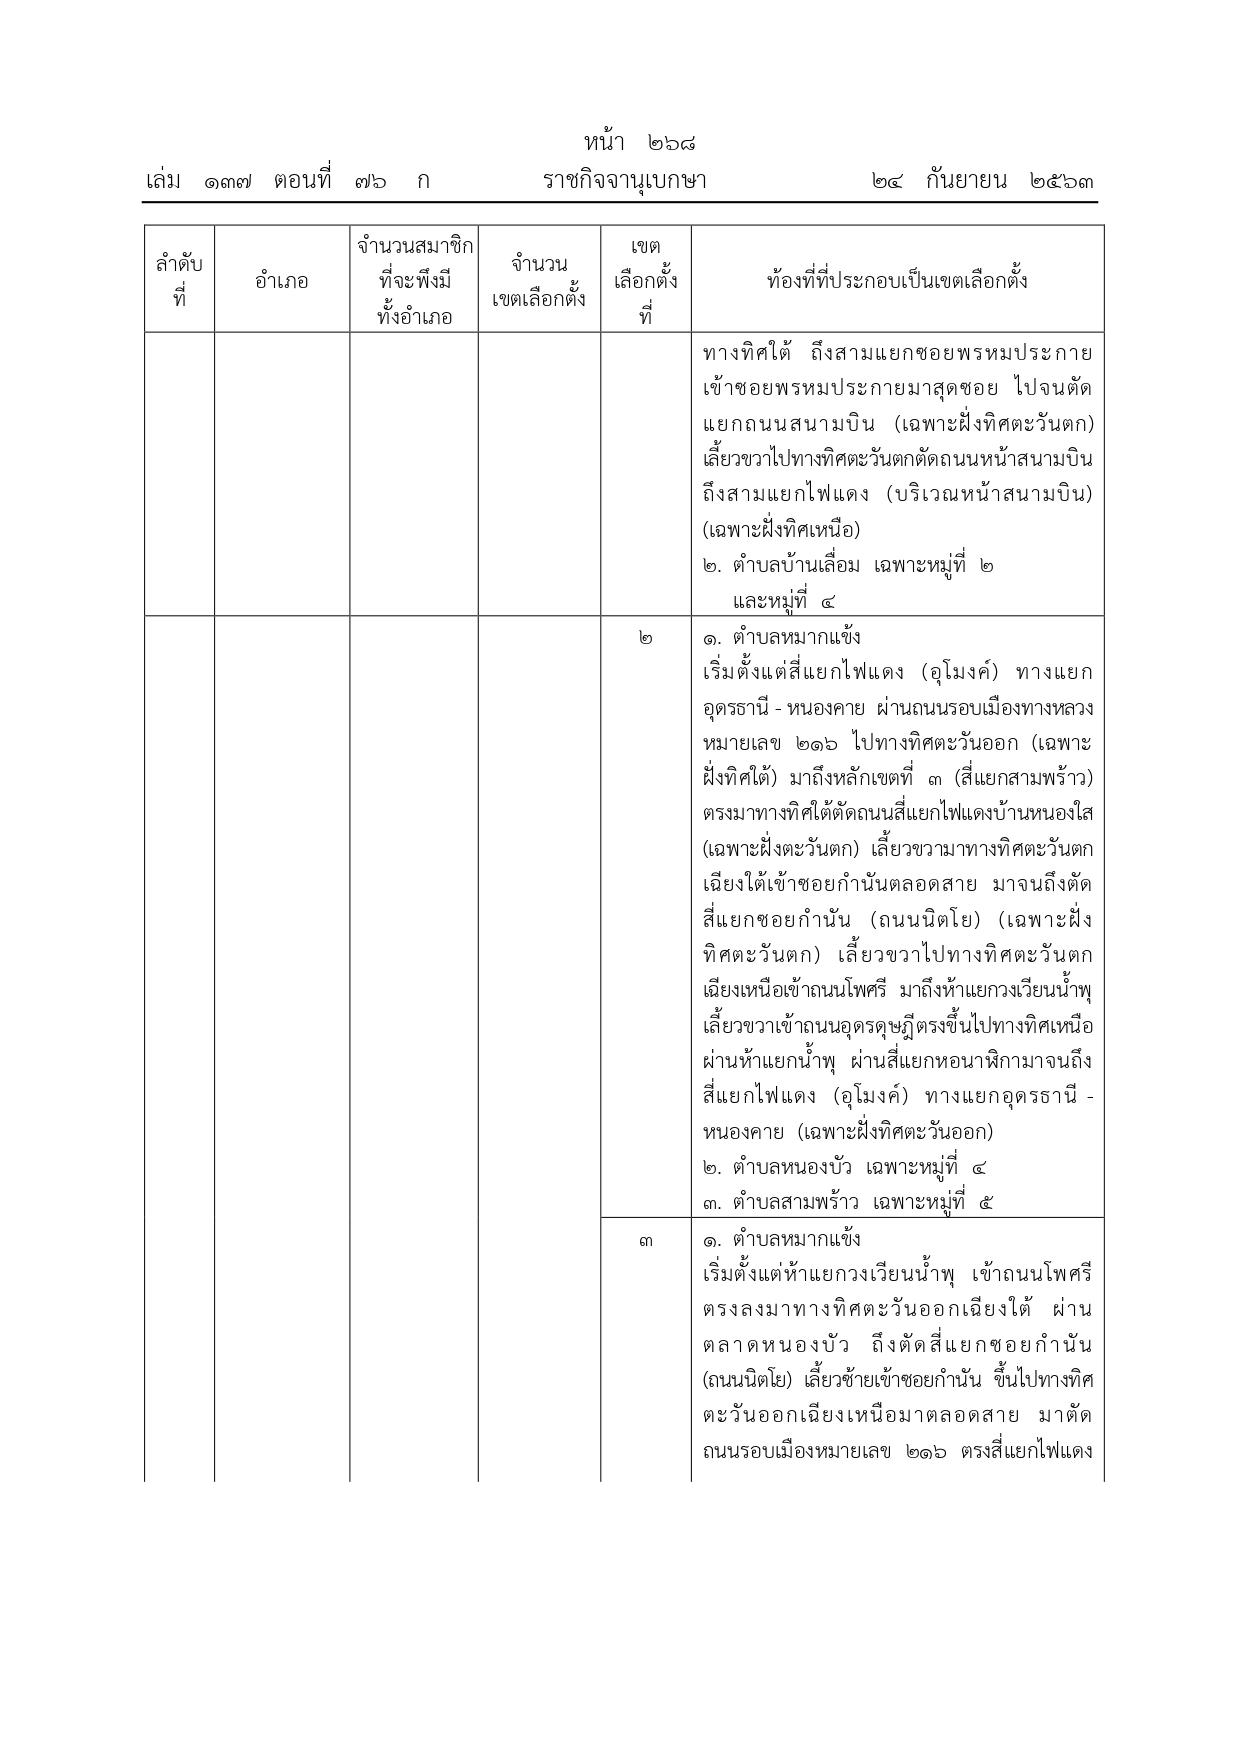 ประกาศคณะกรรมการการเลือกตั้ง เรื่อง การแบ่งเขตเลือกตั้งสมาชิกสภาองค์การบริหารส่วน_page-0002